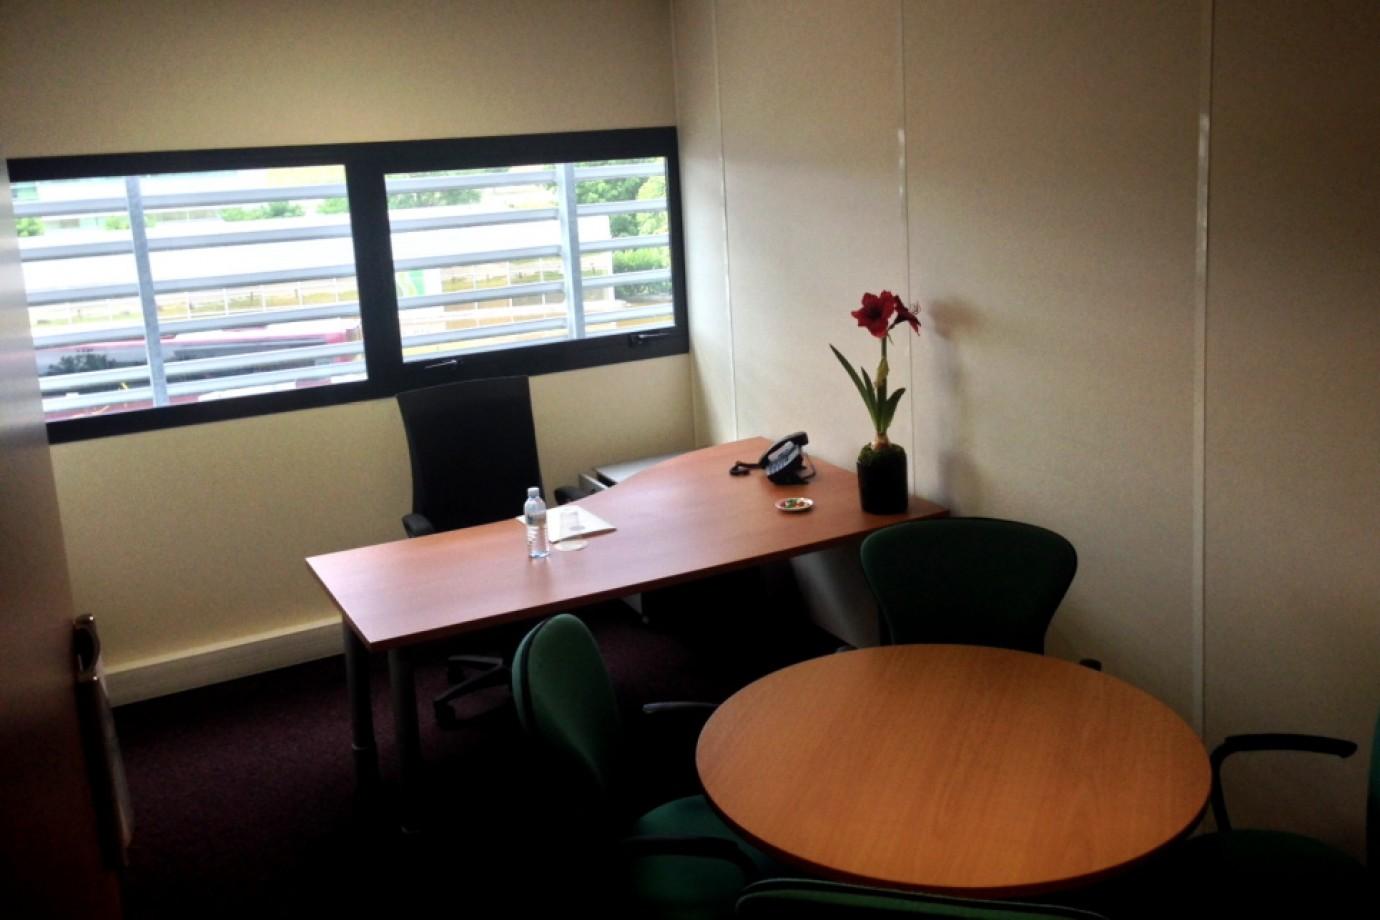 Bureau privé mérignac bureau poste choose and work